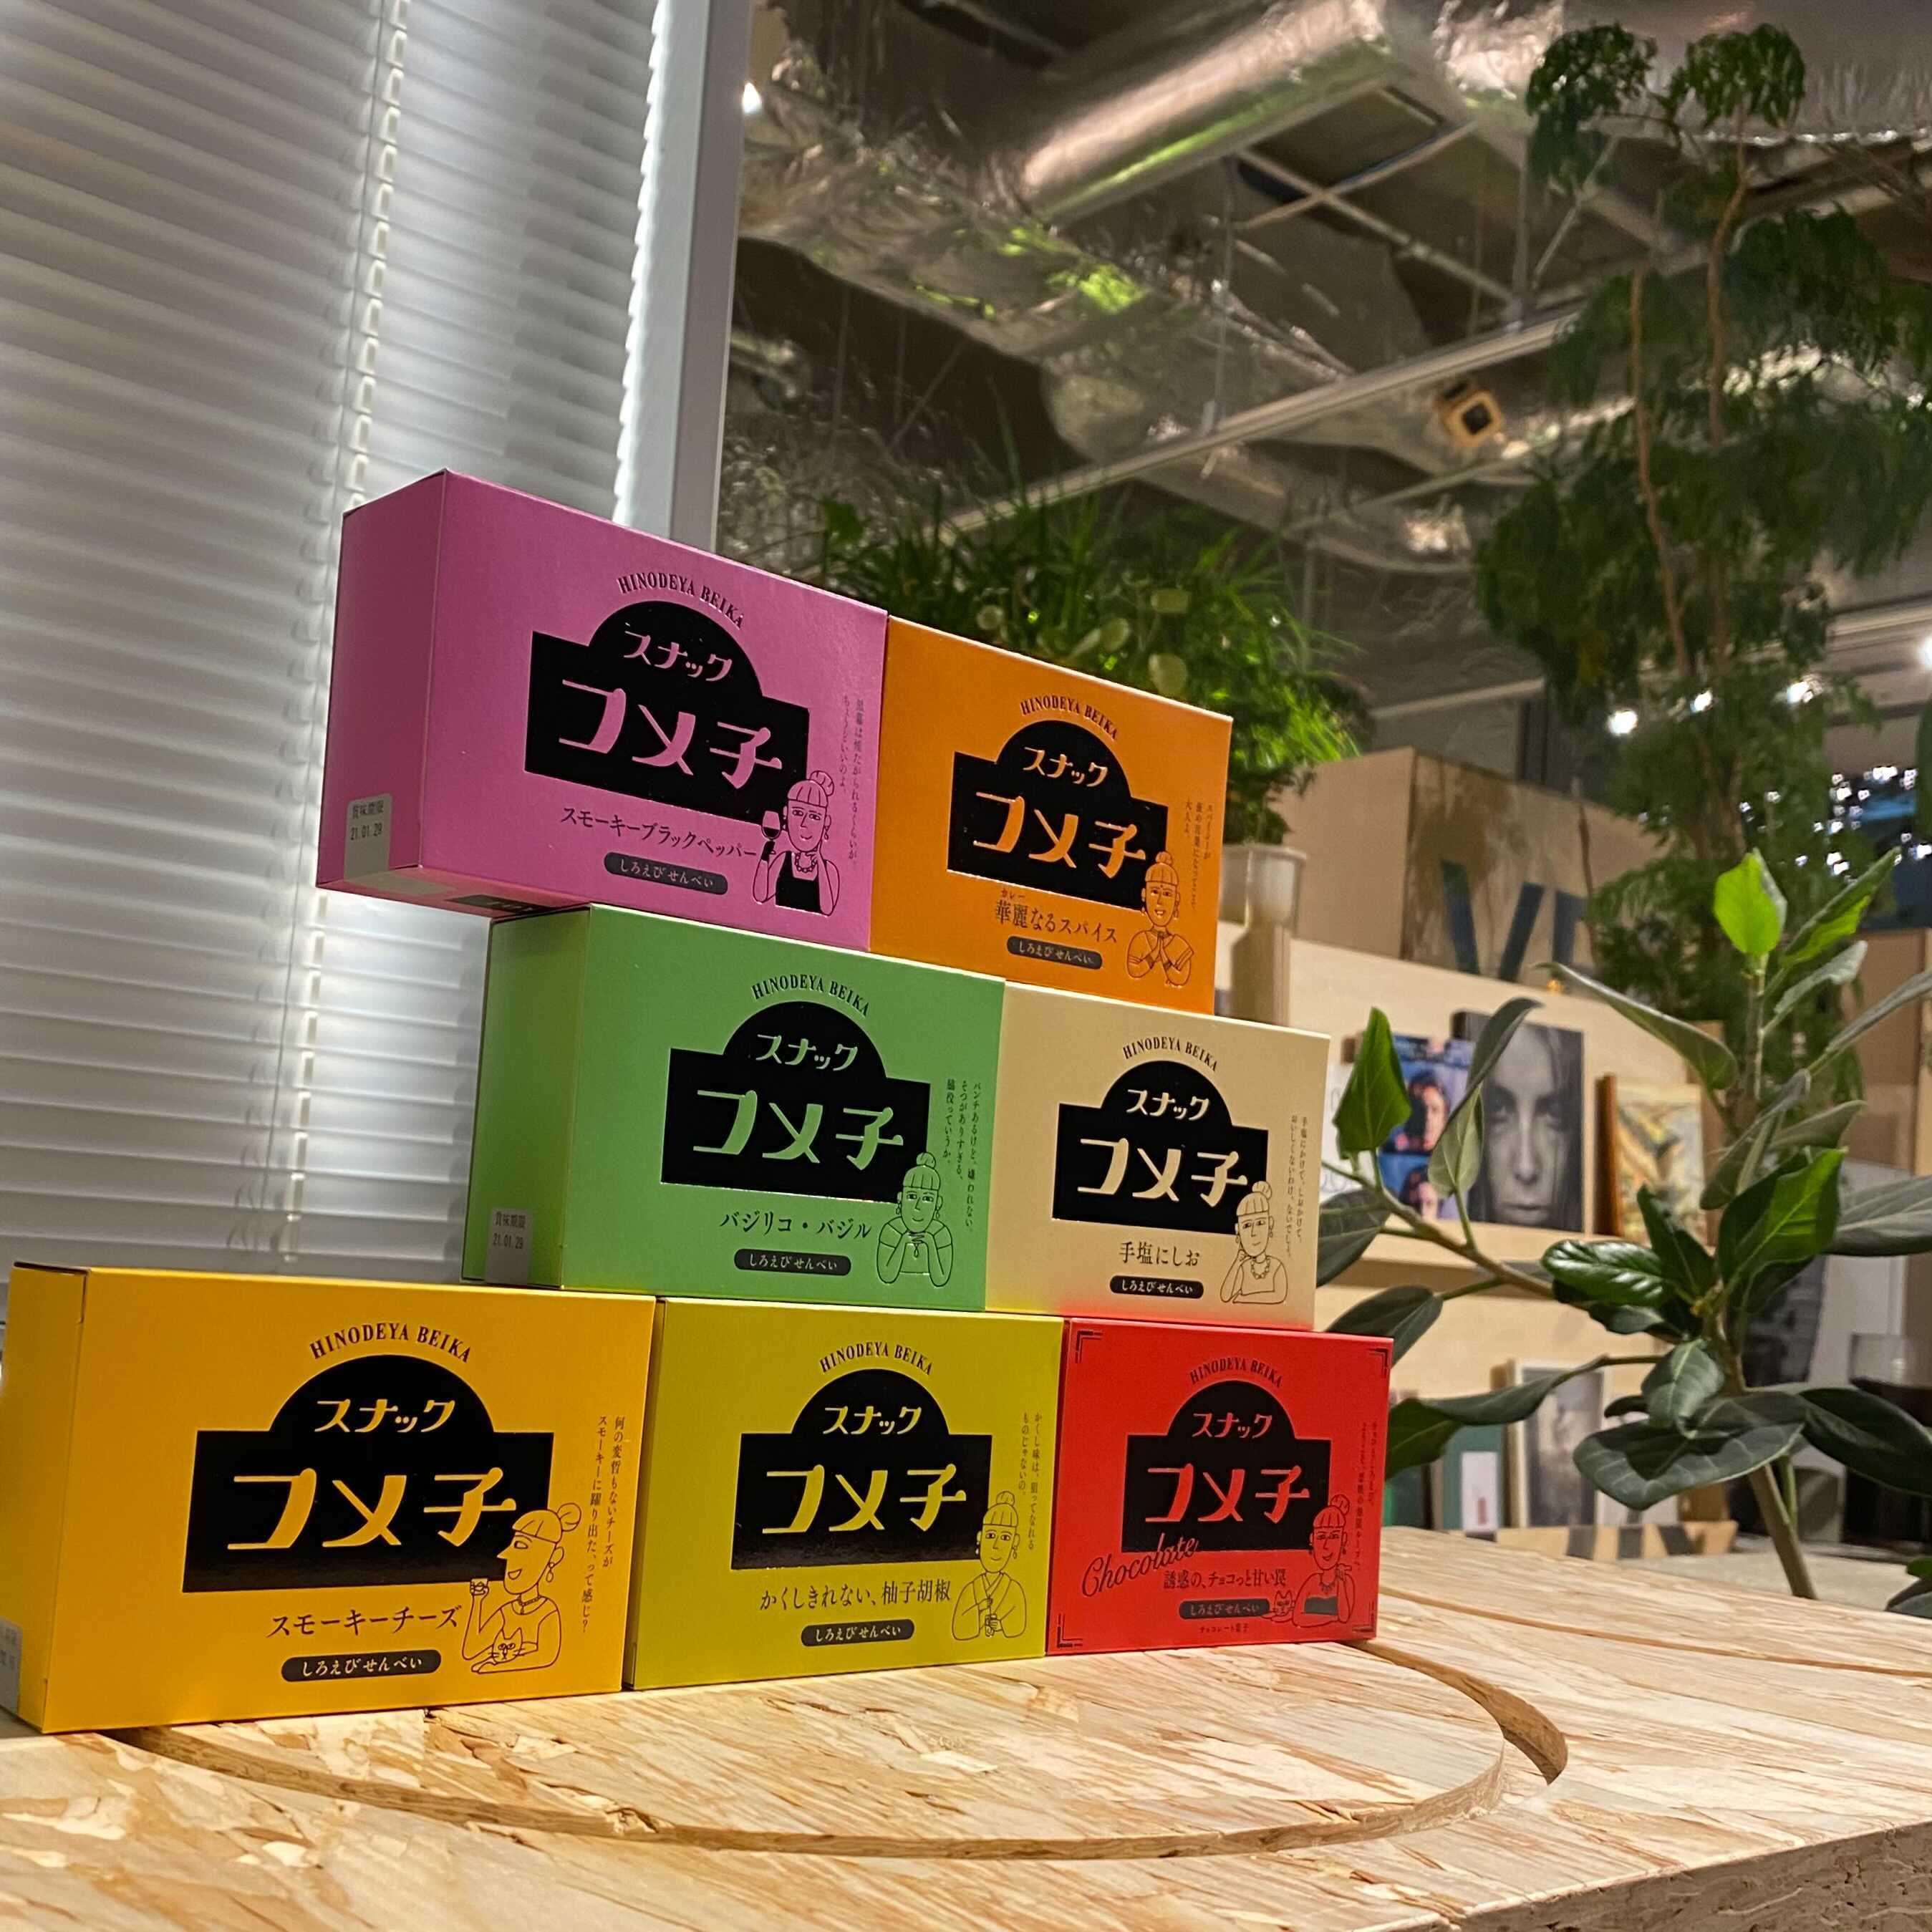 【新商品のお知らせ】懐かしいけど新しい米菓「スナックコメ子」登場のイメージ画像